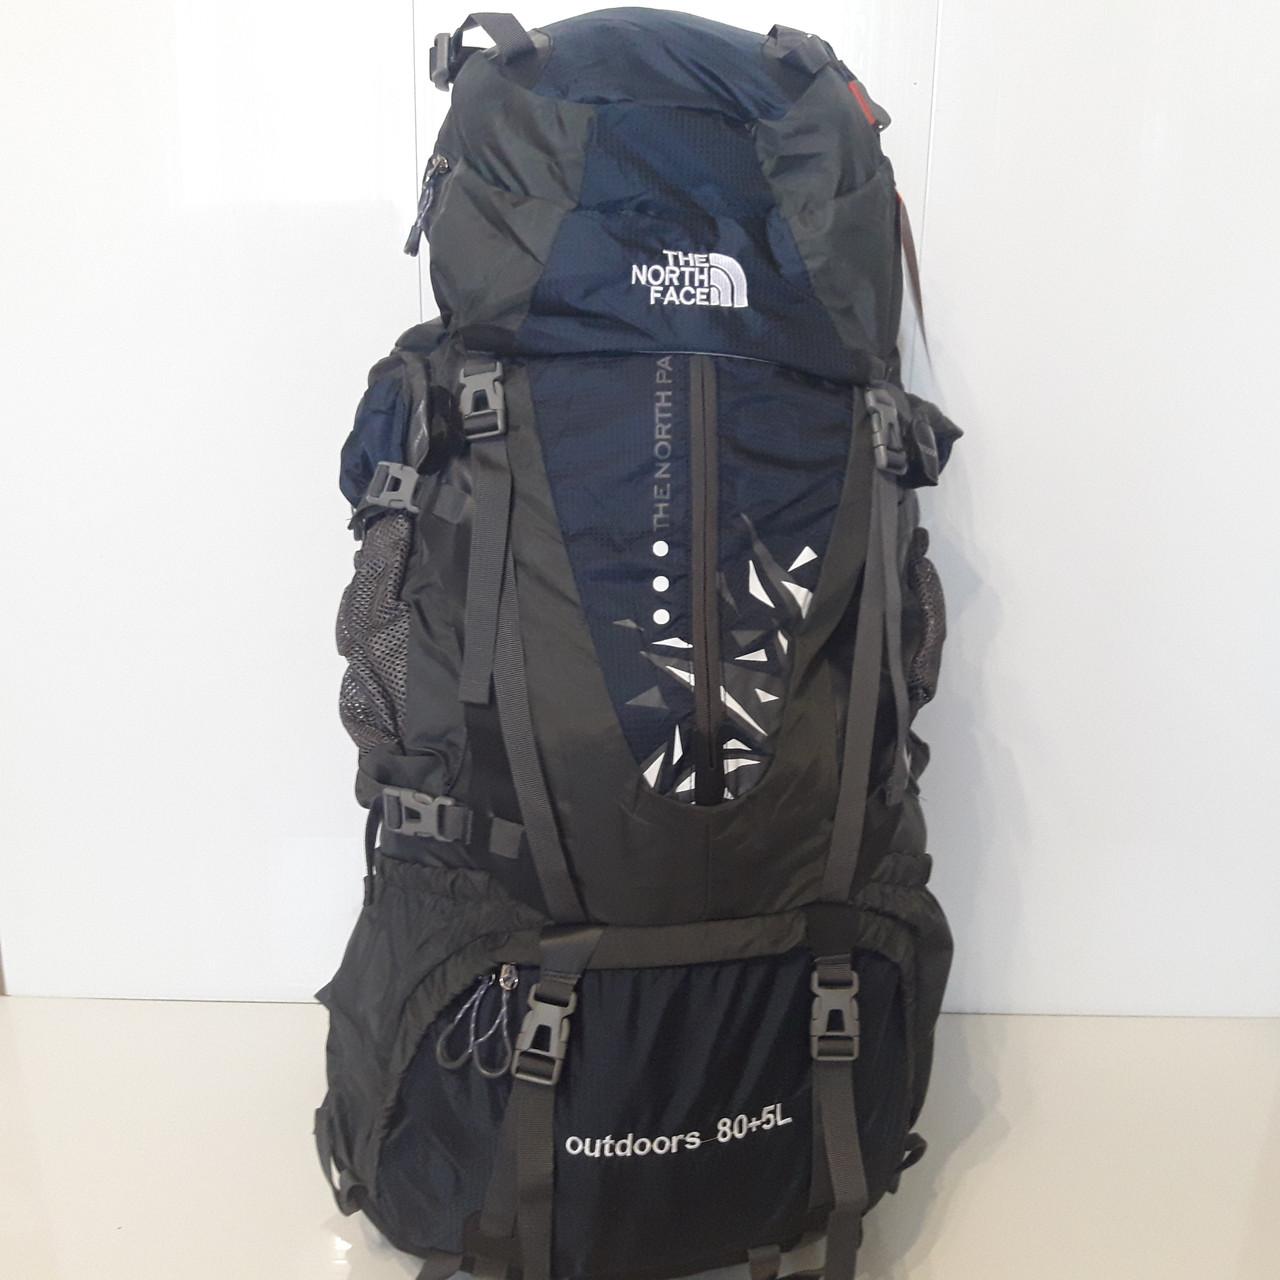 Большой туристический рюкзак 85 литров The North face синий